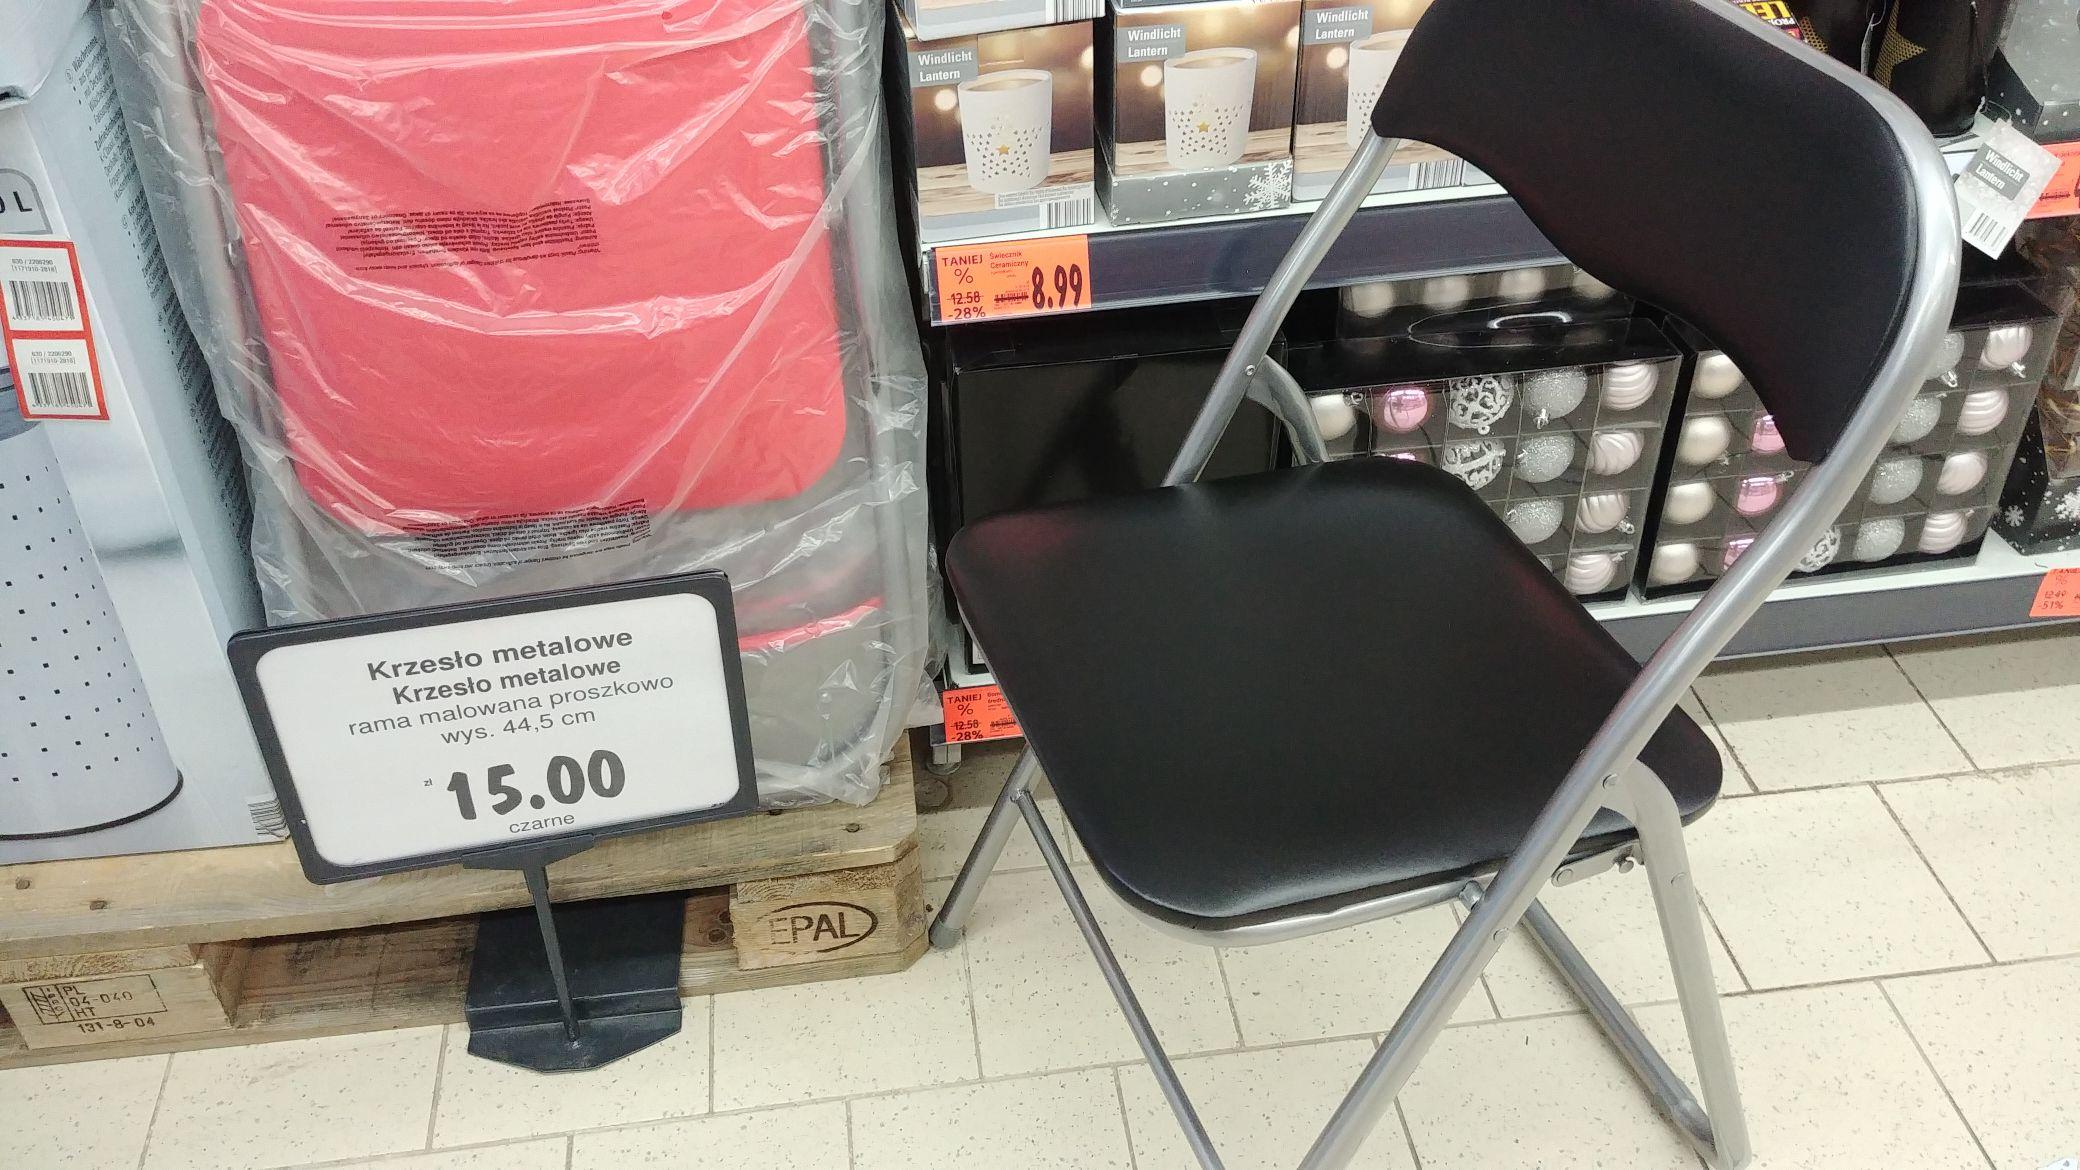 Krzesło składane do 100 kg Kaufland